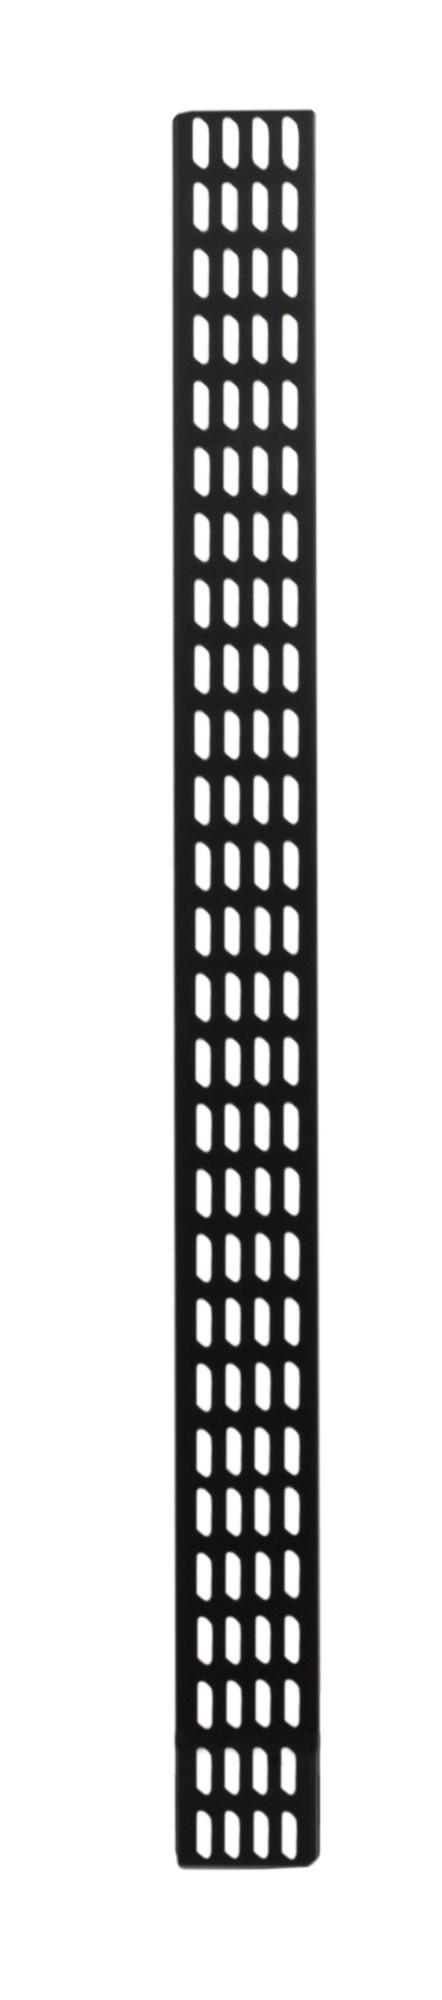 Afbeelding van 27U verticale kabelgoot - 30cm breed